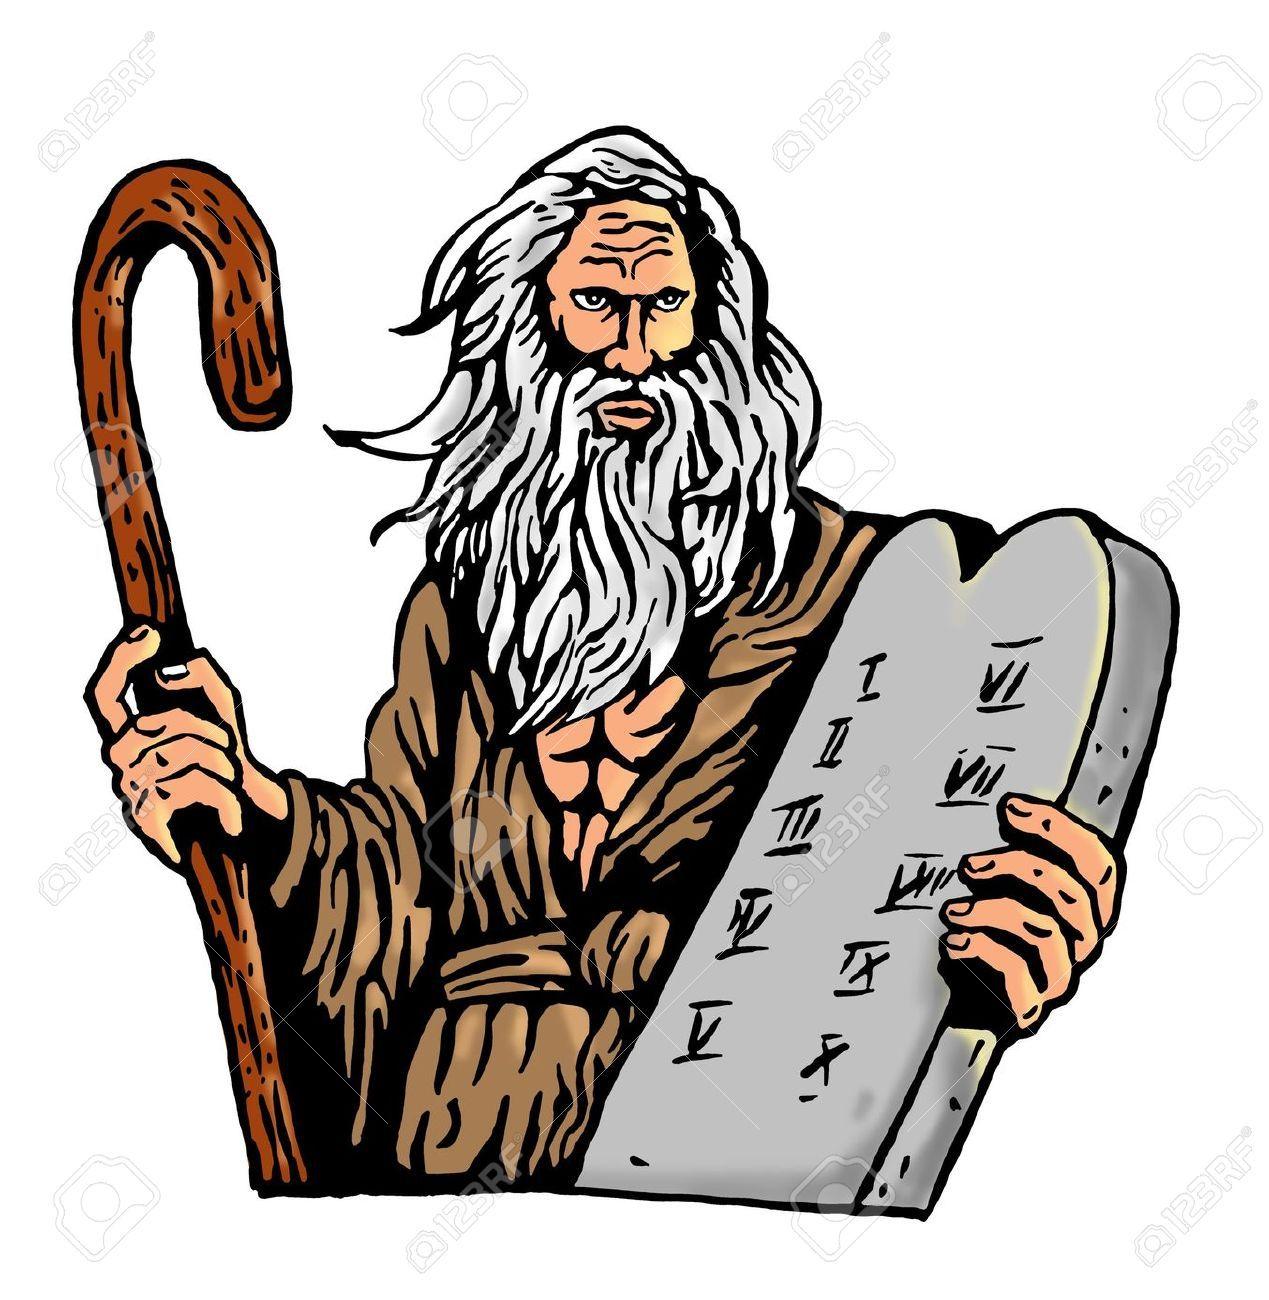 Ten commandments clipart free 5 » Clipart Portal.